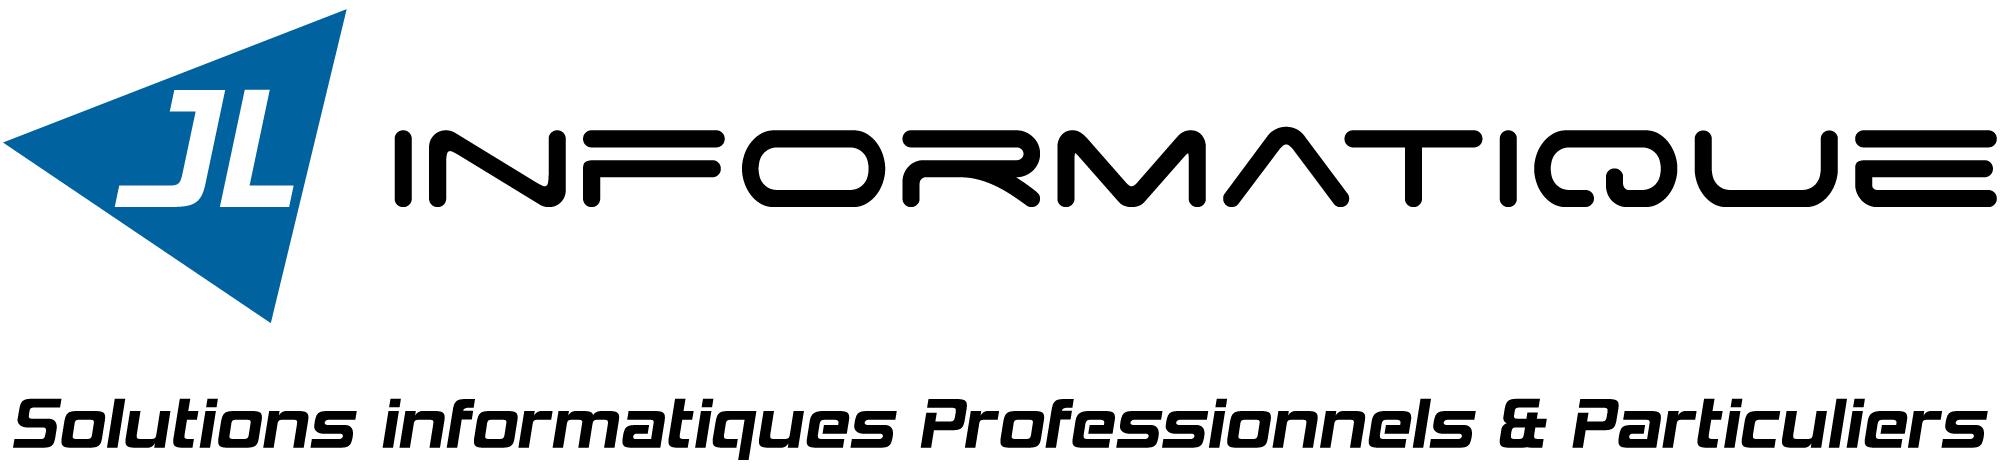 JL informatique / Solutions informatiques Professionnels & Particuliers